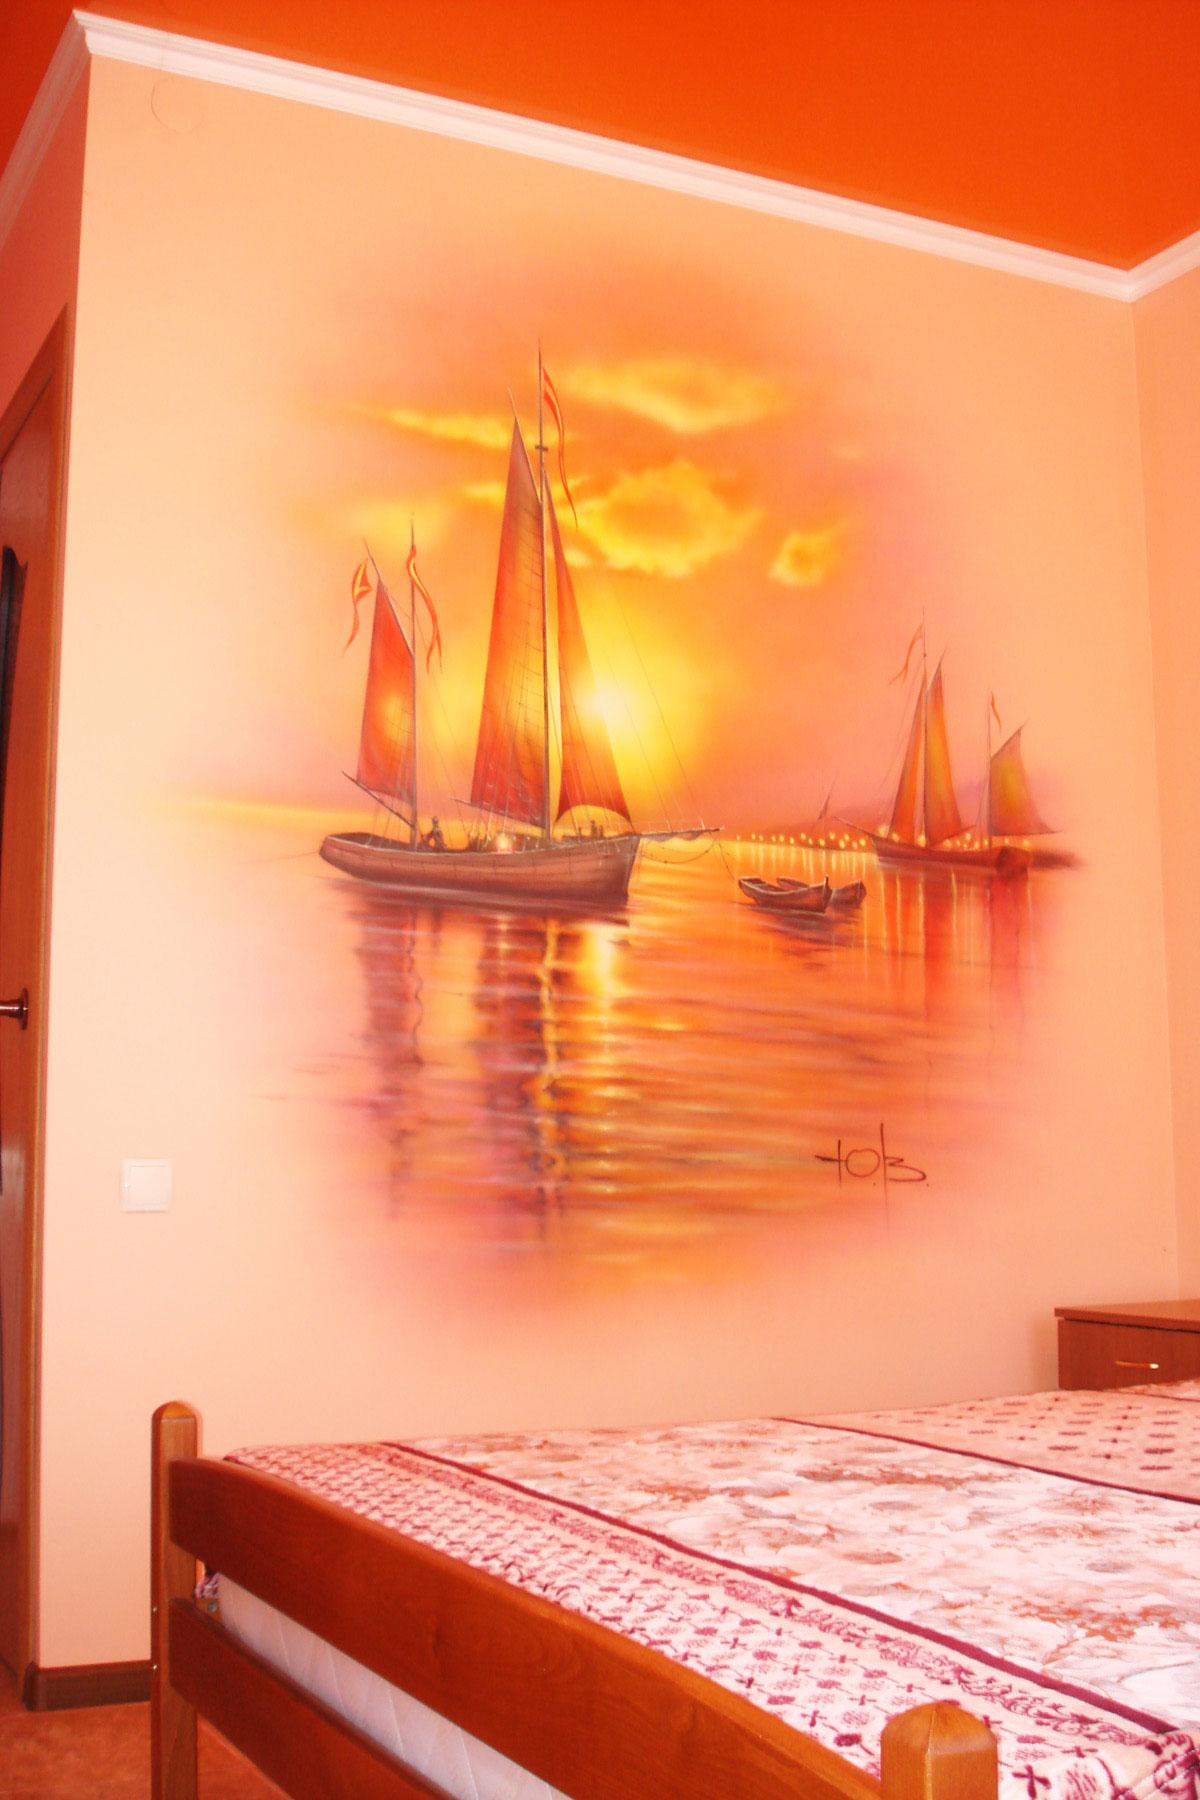 Роспись стен фото - Летний восход